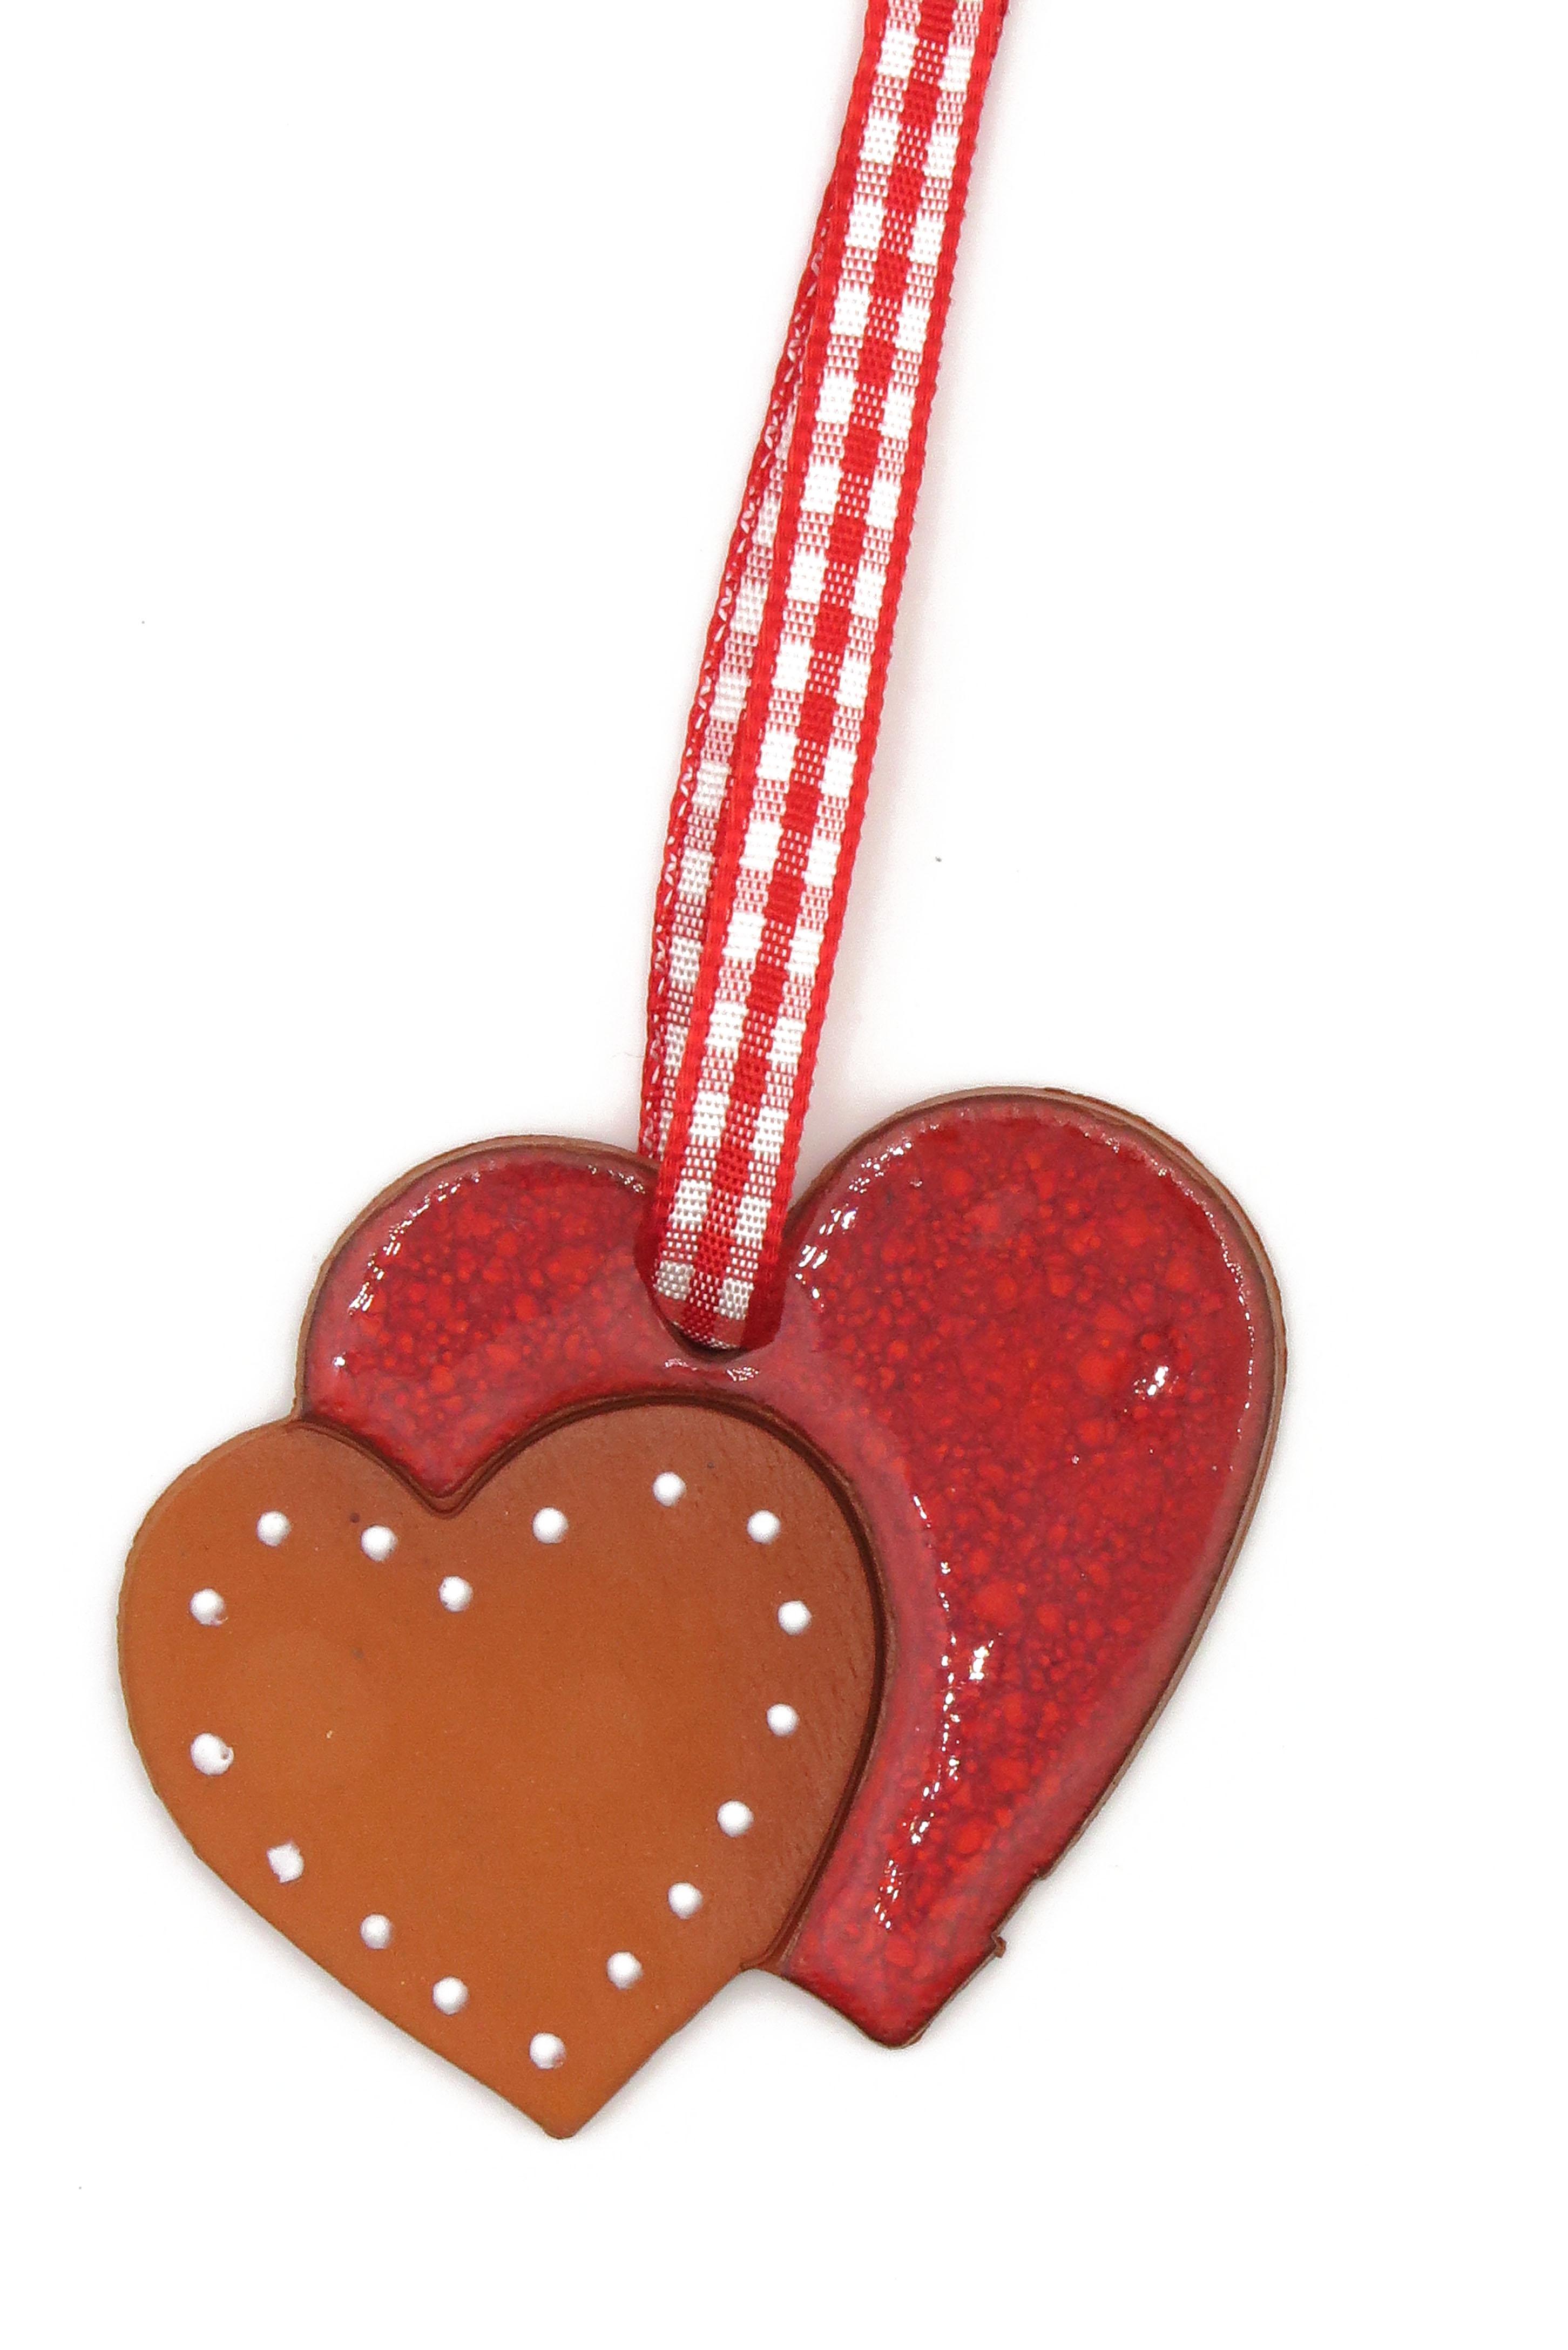 Doppel Herz Keramik Geschenk Anhänger/ M 5cm